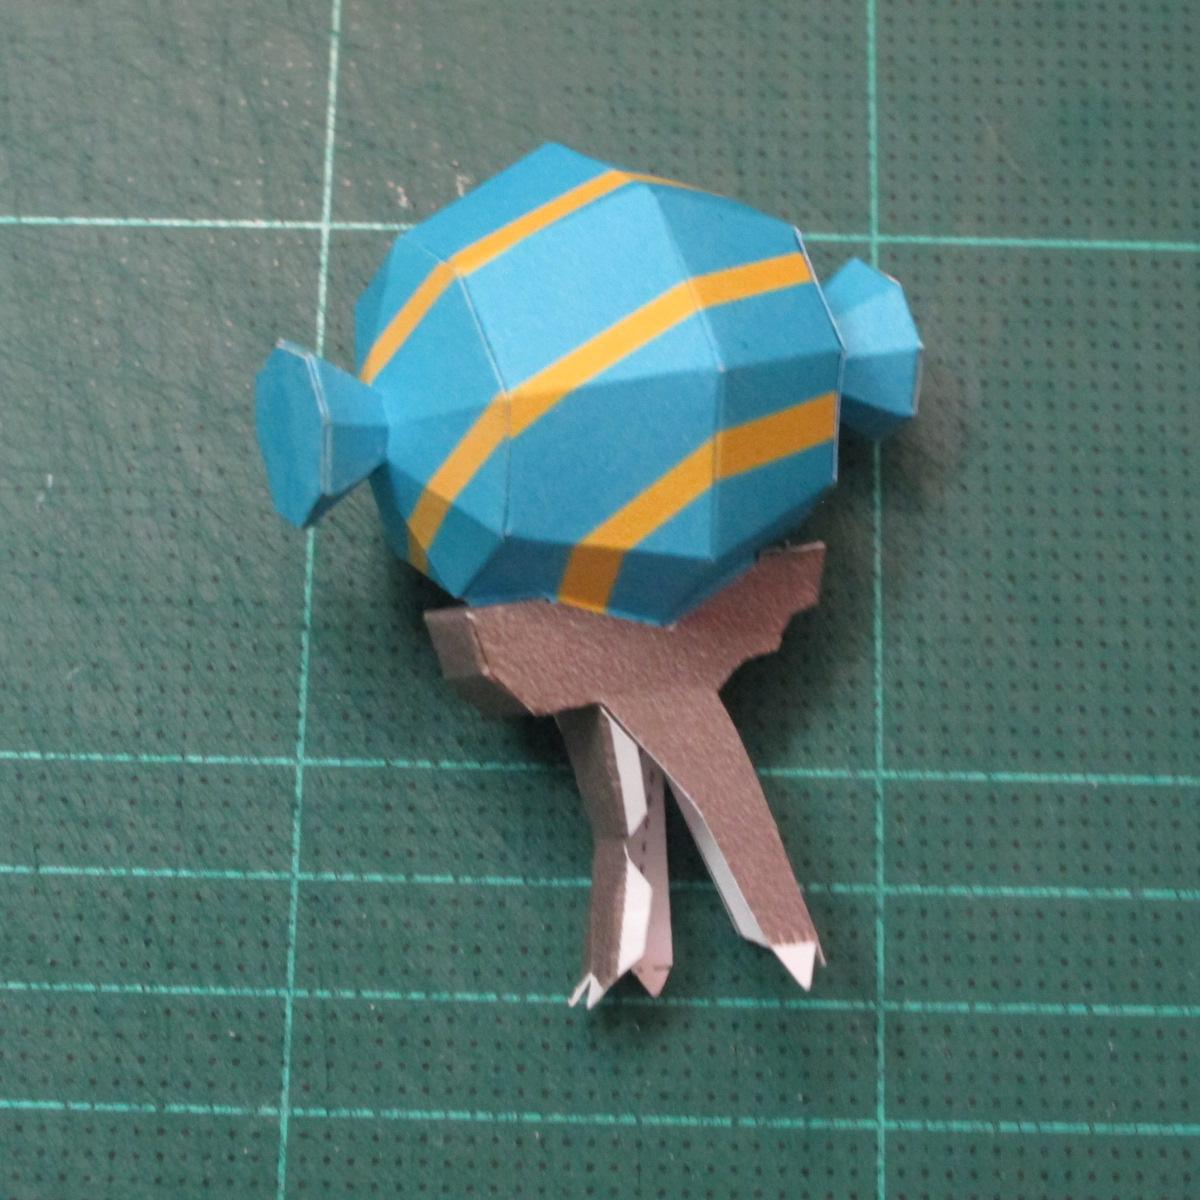 วิธีทำโมเดลกระดาษของเล่นคุกกี้รัน คุกกี้รสพ่อมด (Cookie Run Wizard Cookie Papercraft Model) 026